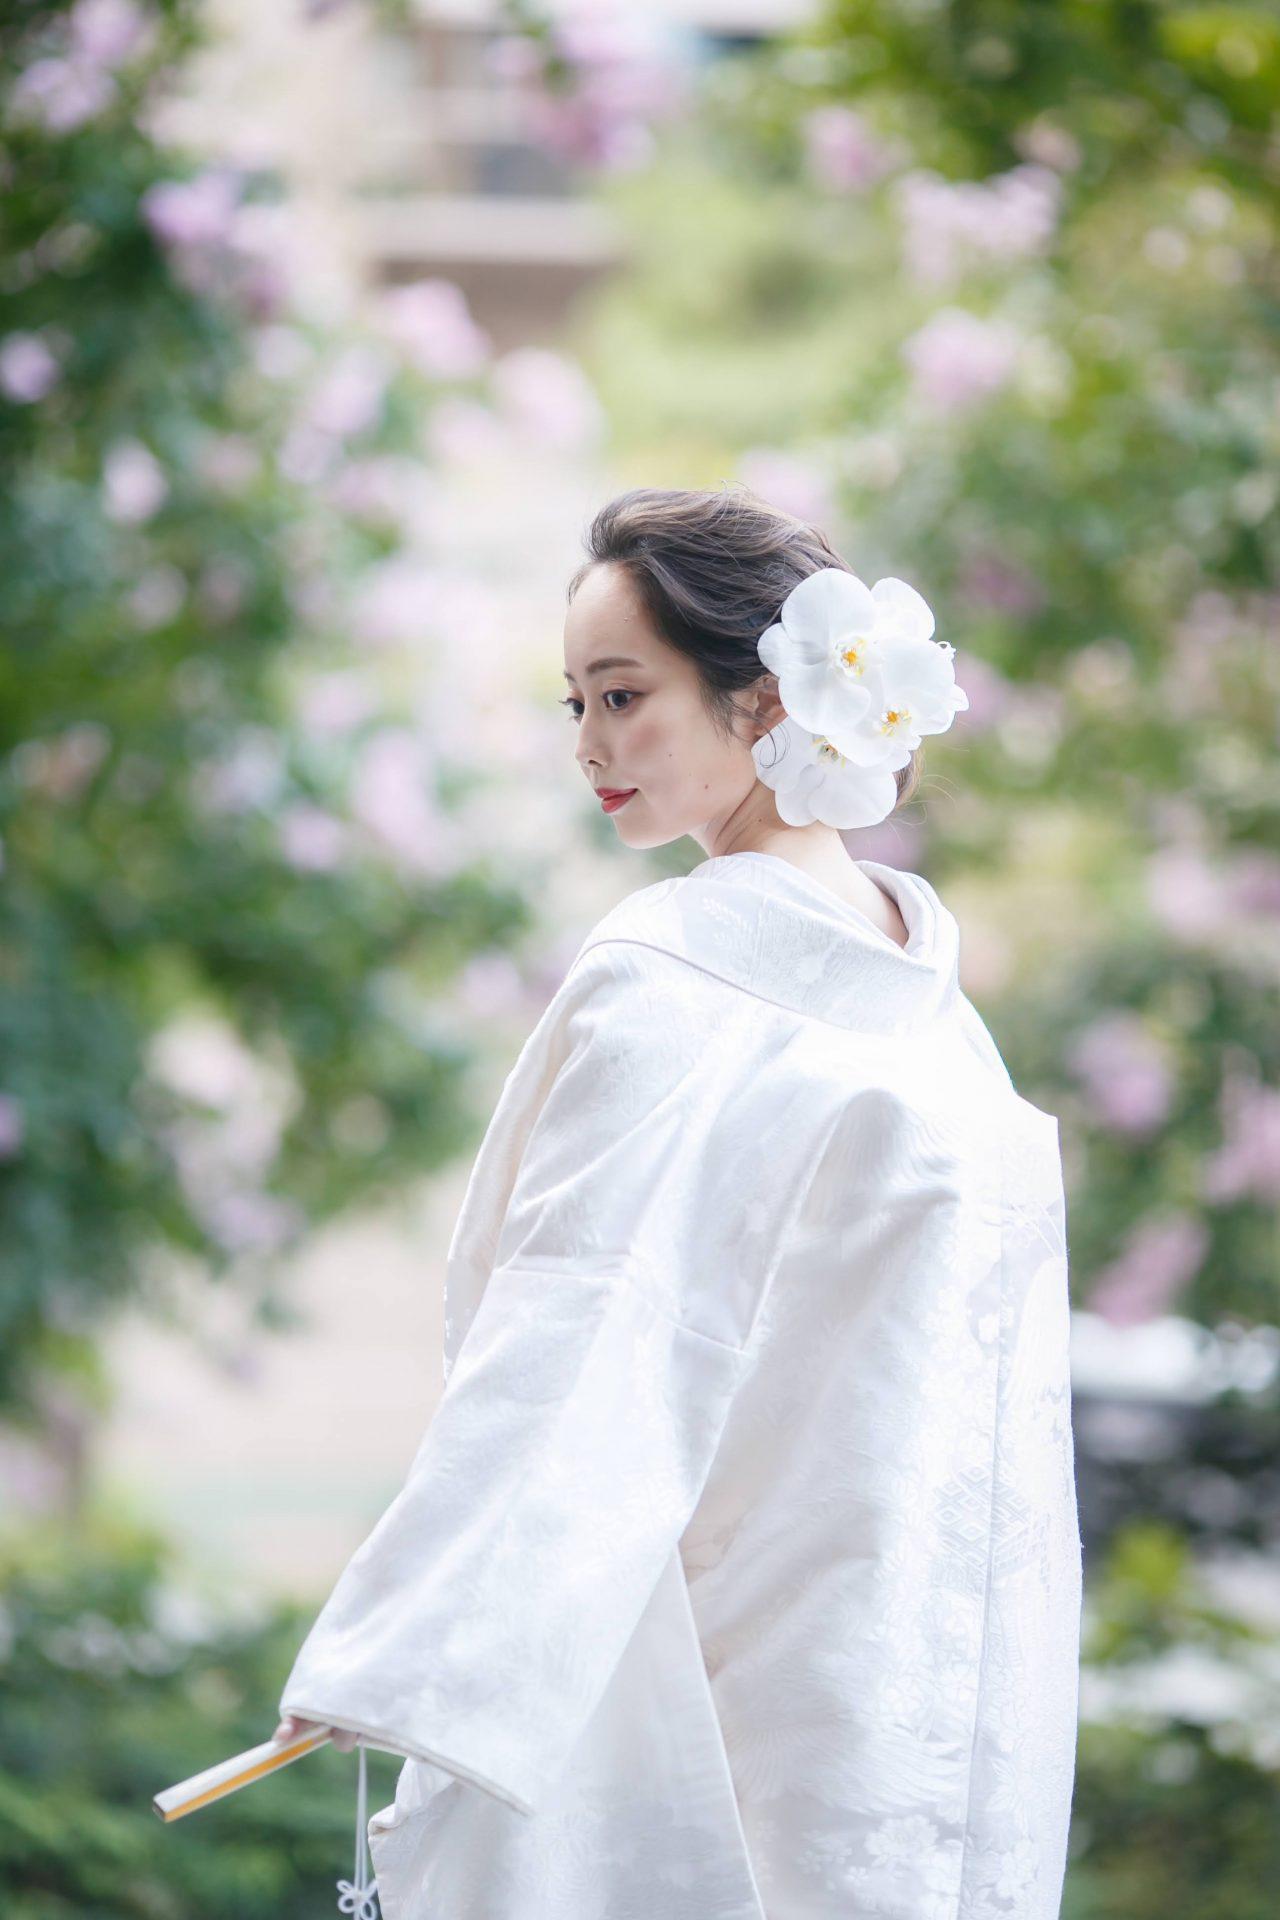 赤坂プリンスクラシックハウスで8月の結婚式でお召しになられたのは、専属ドレスショップ ザ・トリート・ドレッシングアディション店でお選びになられた美しい白無垢で、ヘッドアクセサリーには大ぶりな白の胡蝶蘭の生花でコーディネートしました